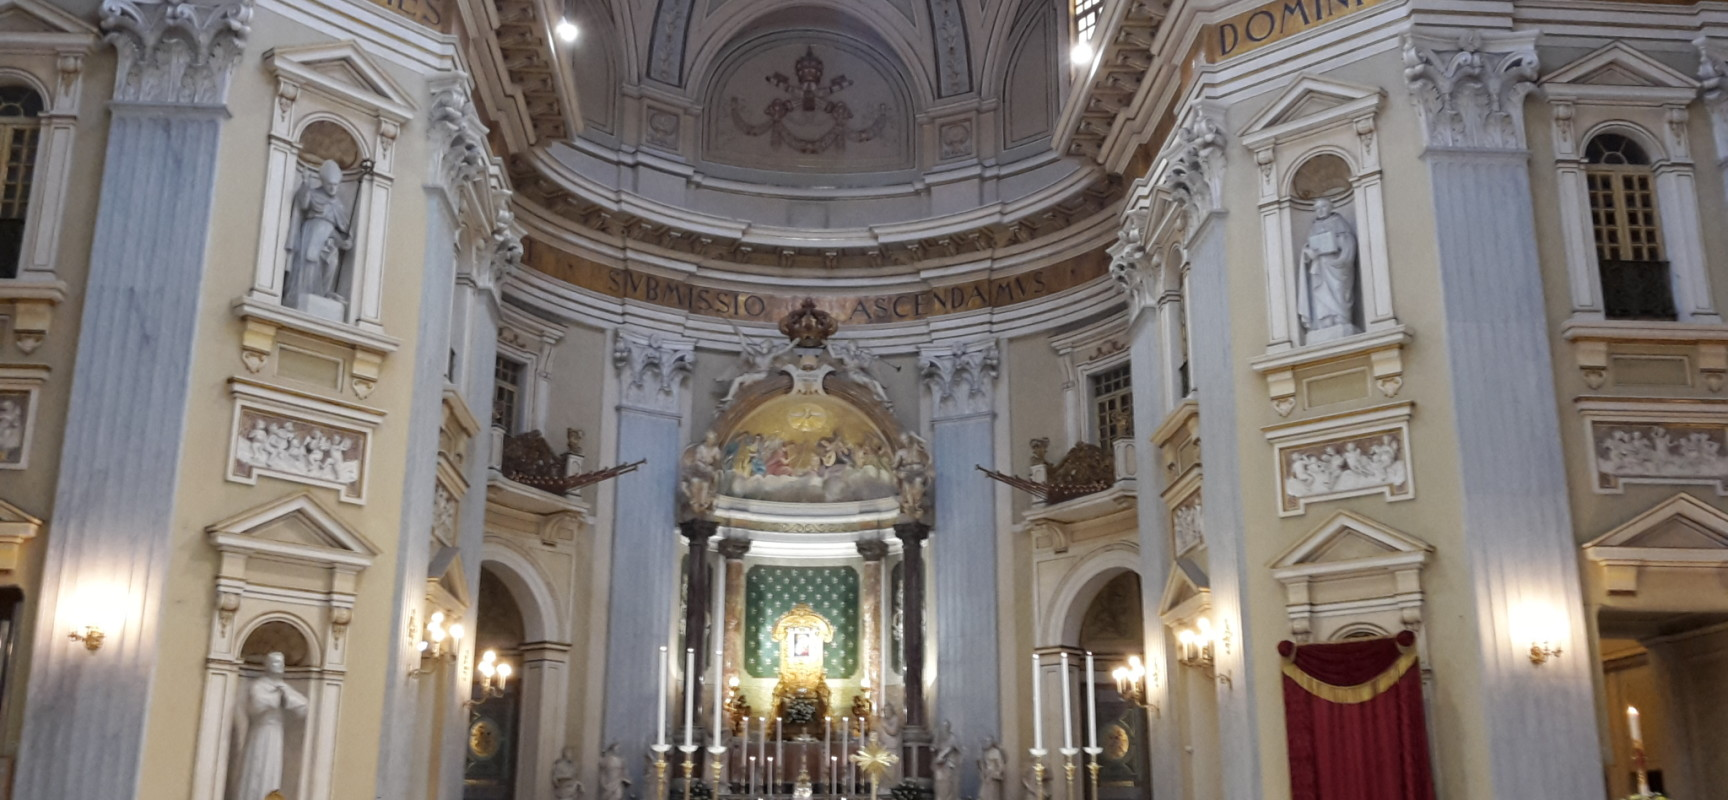 Alla piccola San Pietro 48 ore di preghiere